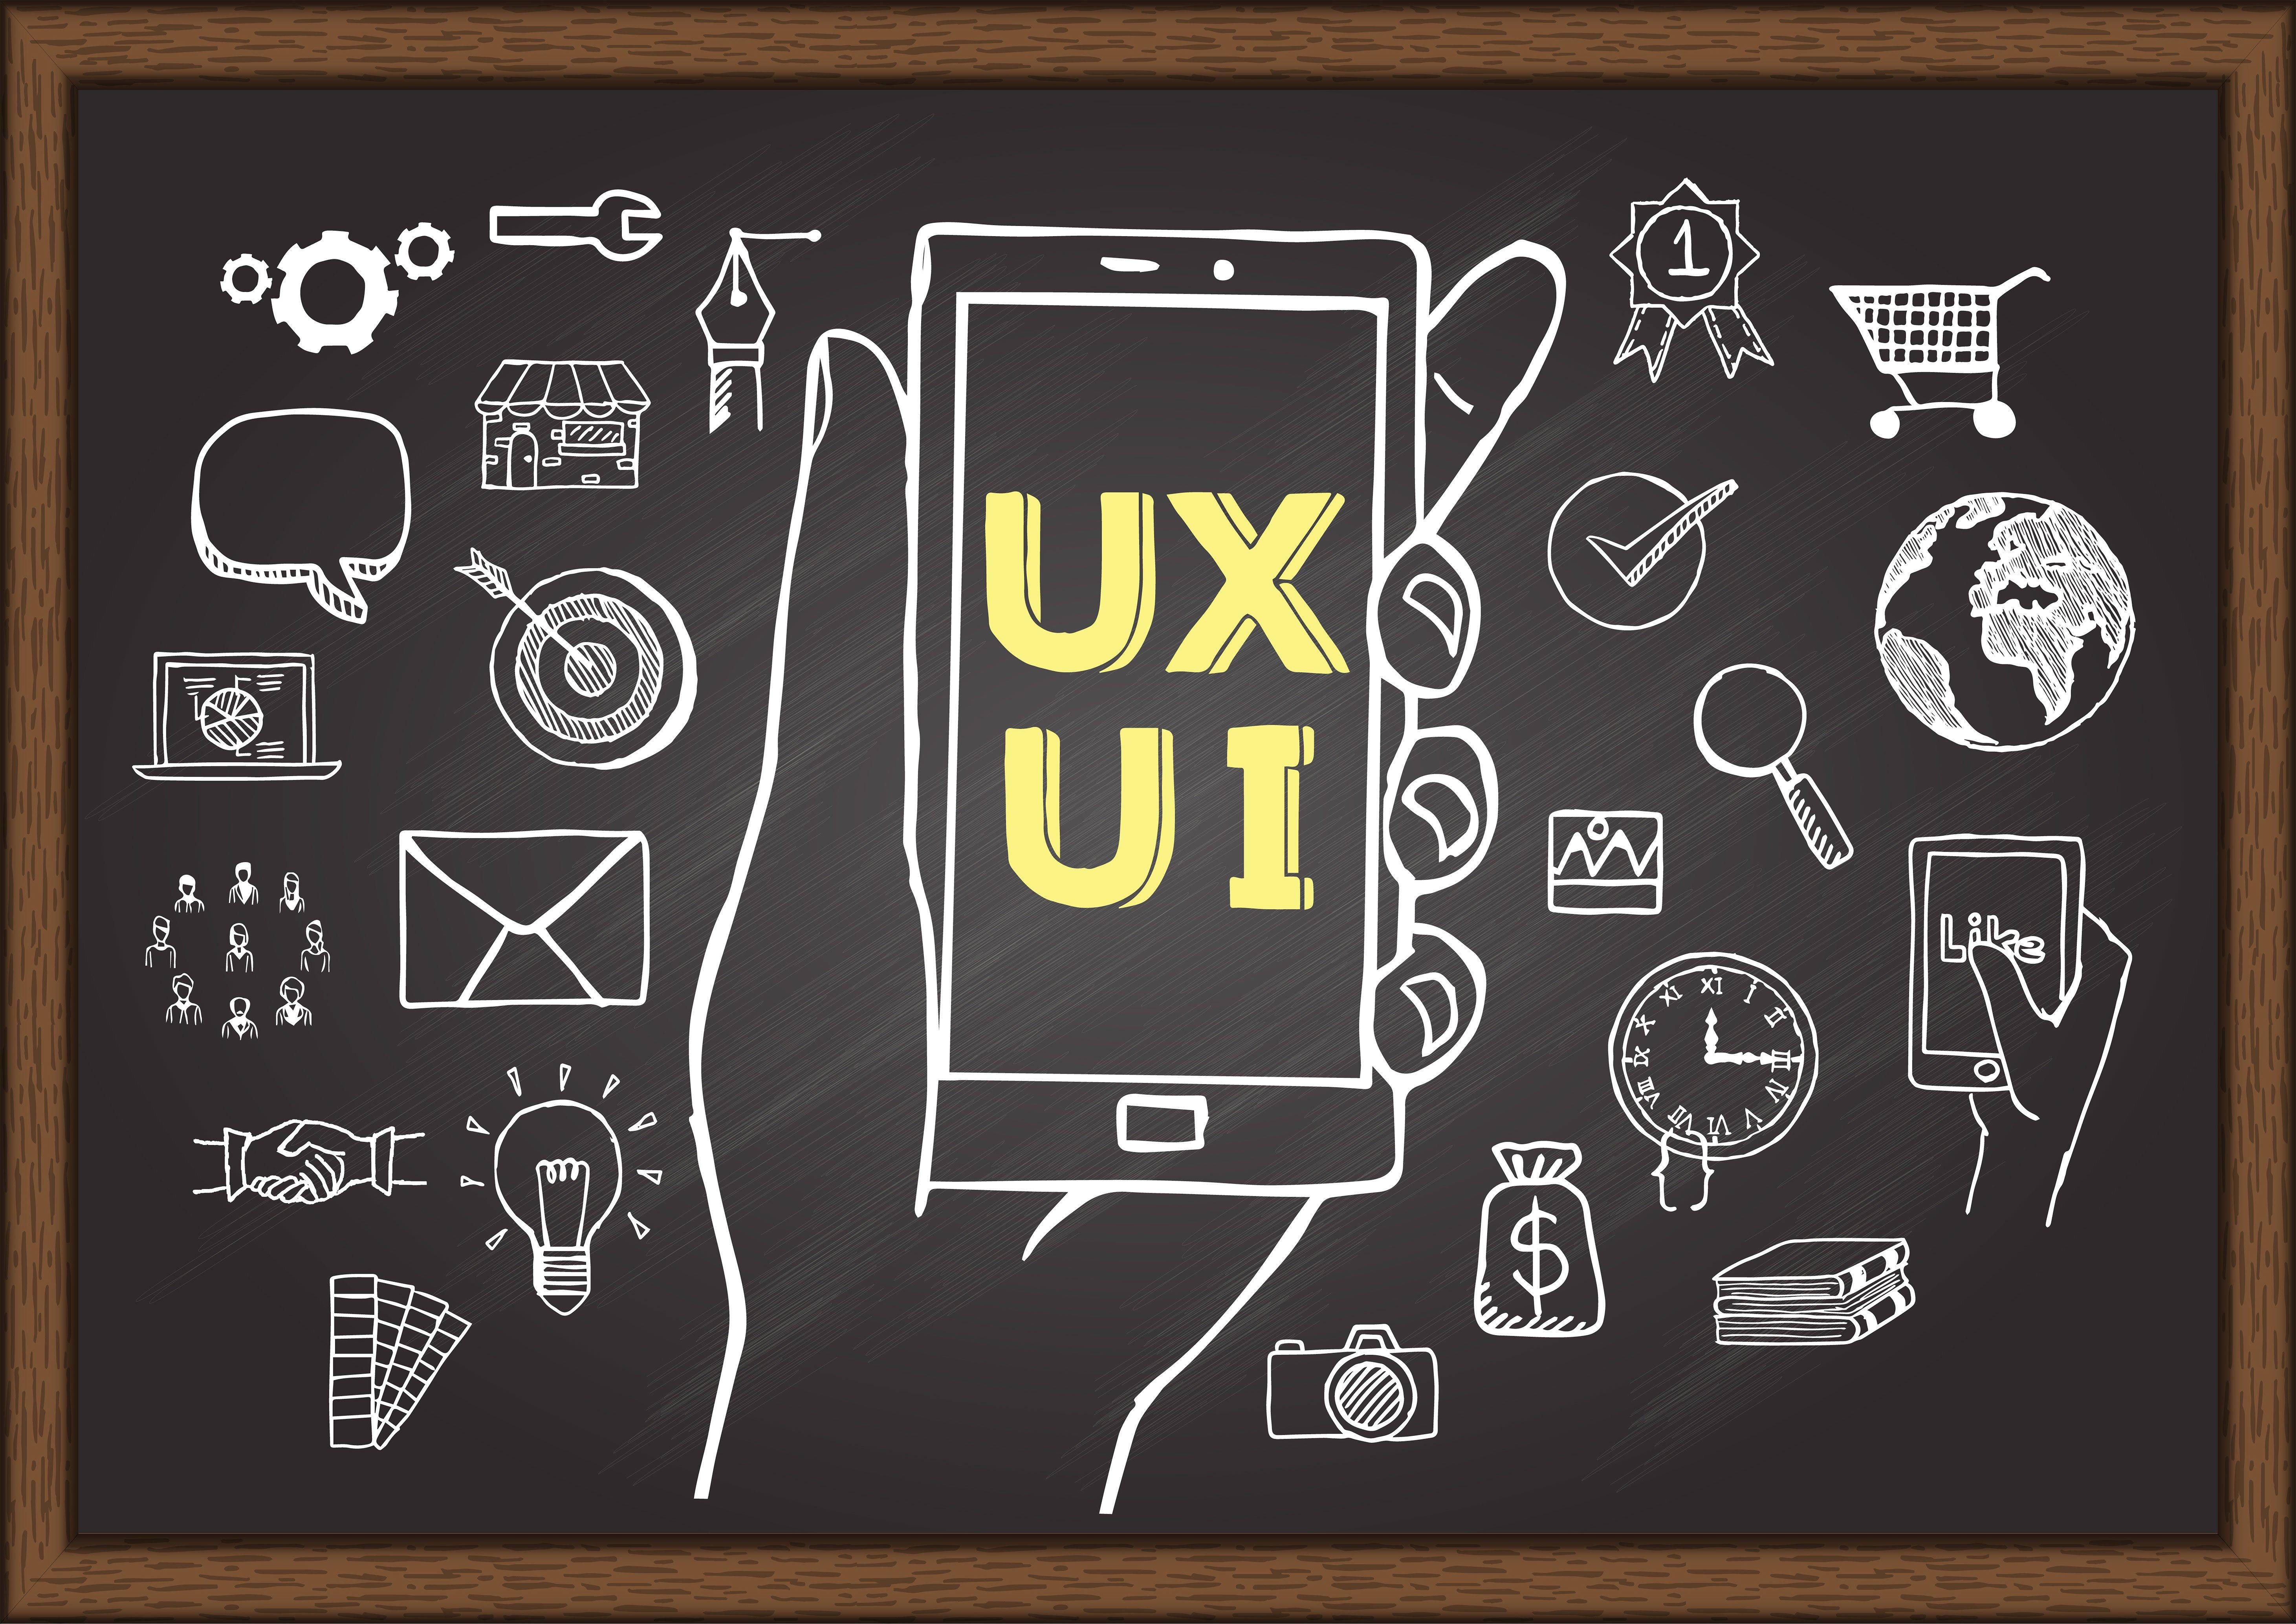 UI・UX、それぞれの意味と違い